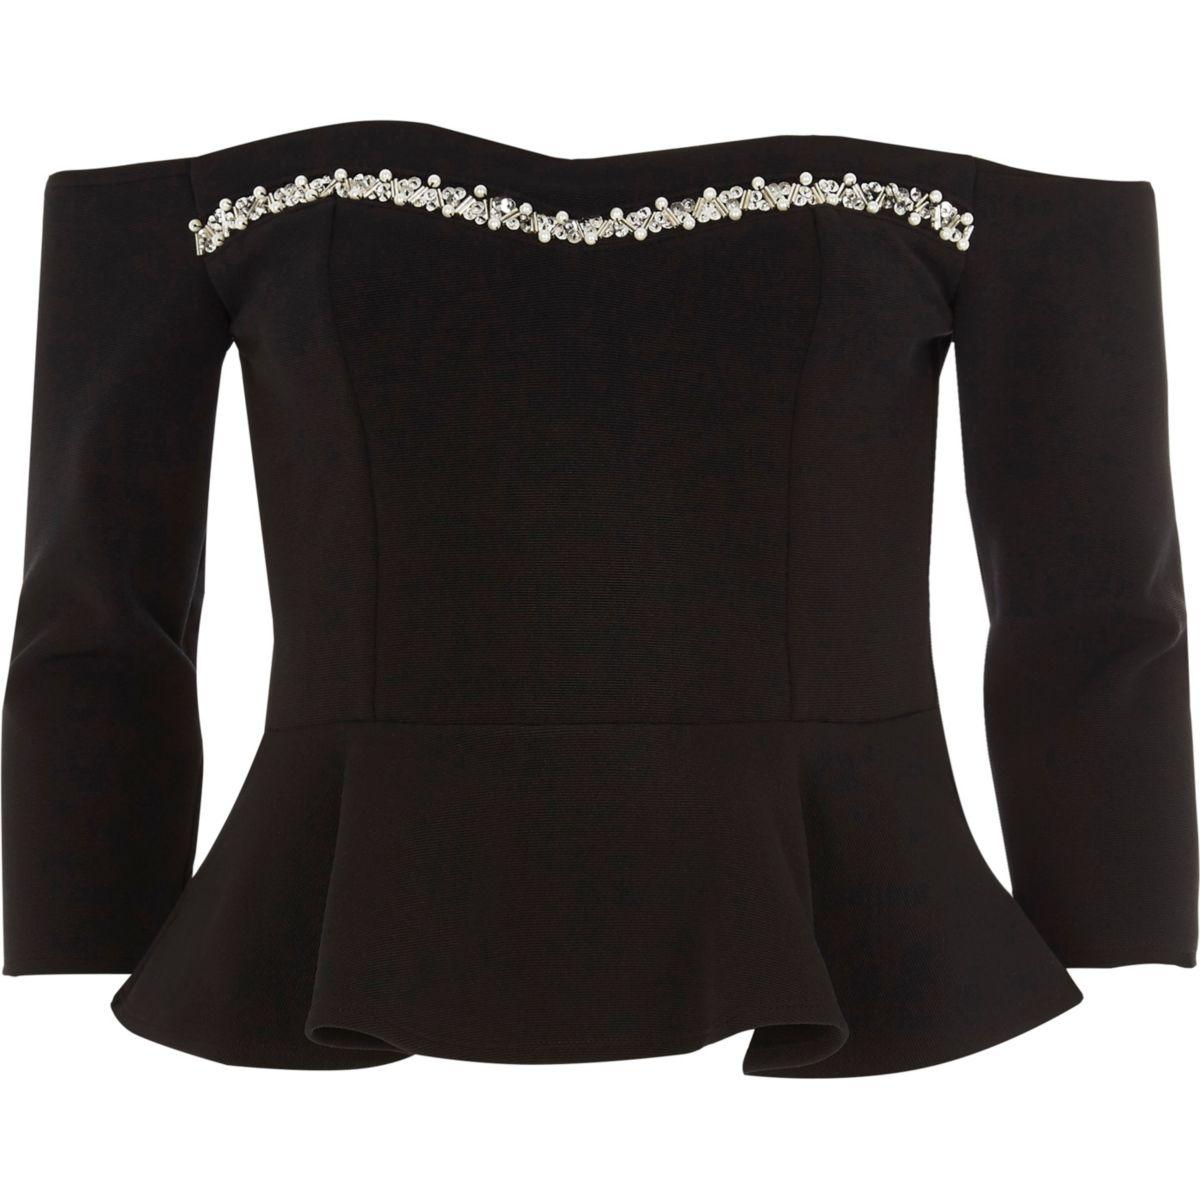 Schwarzes Bardot-Oberteil mit Perlenbesatz